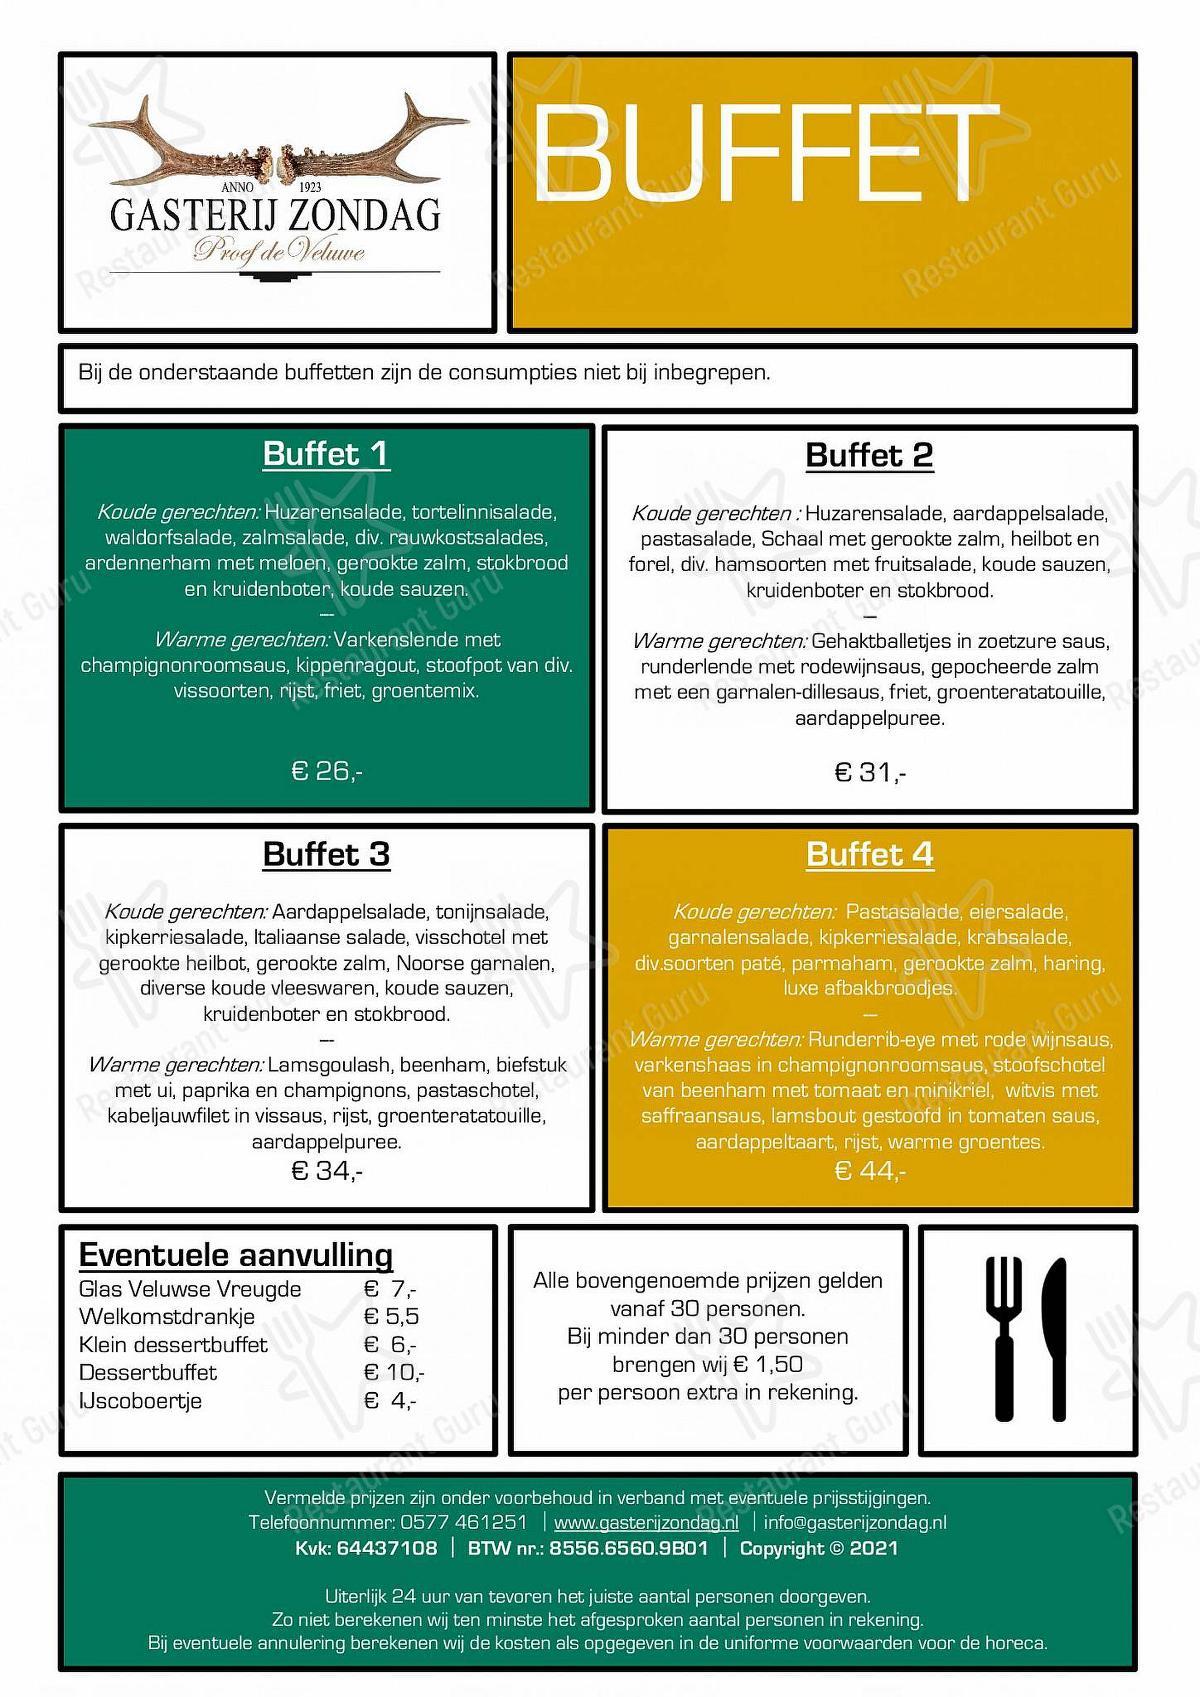 Gasterij Zondag menu